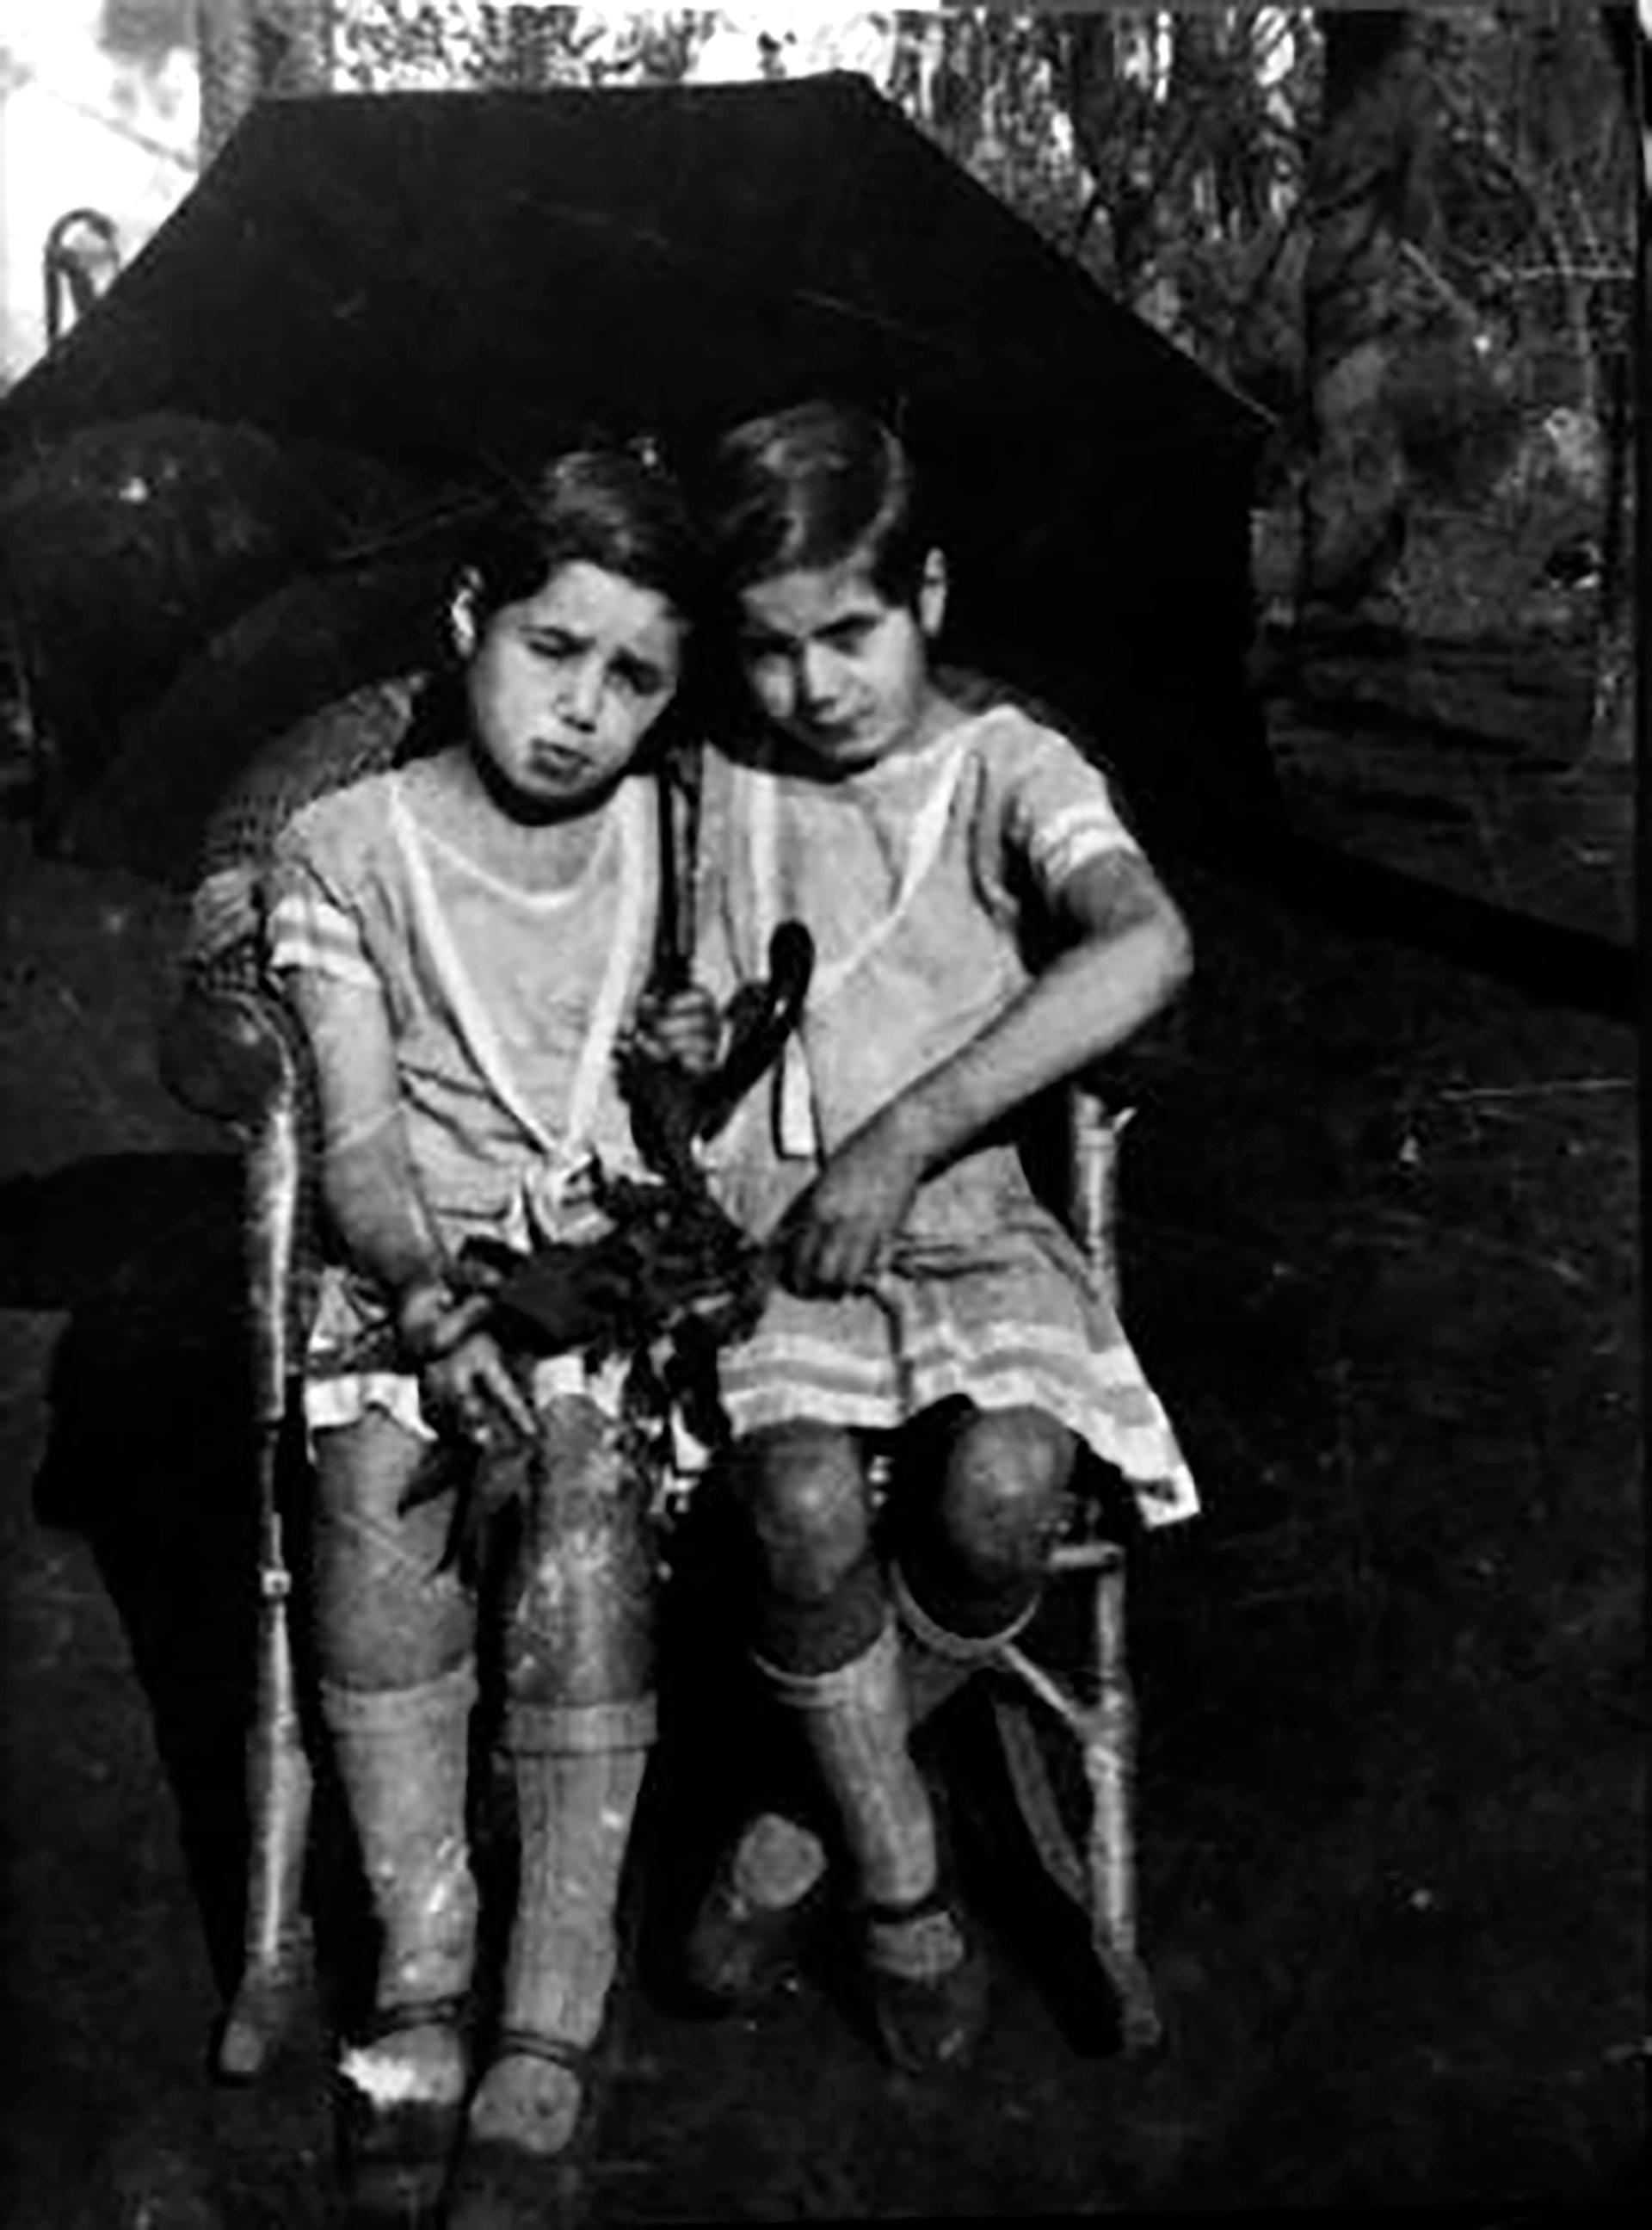 """Eva María Duarte nació el 7 de mayo de 1919 en la estancia """"La Unión"""", 20 kilómetros al oeste de la localidad de Los Toldos (Partido de General Viamonte), Buenos Aires, fruto de una relación extramatrimonial entre su madre, Juana Ibarguren y su padre, Juan Duarte. Su madre dio a luz ayudada por una comadrona aborigen llamada Juana Rawson de Guayquil. En la foto, Evita junto a su hermana Erminia"""